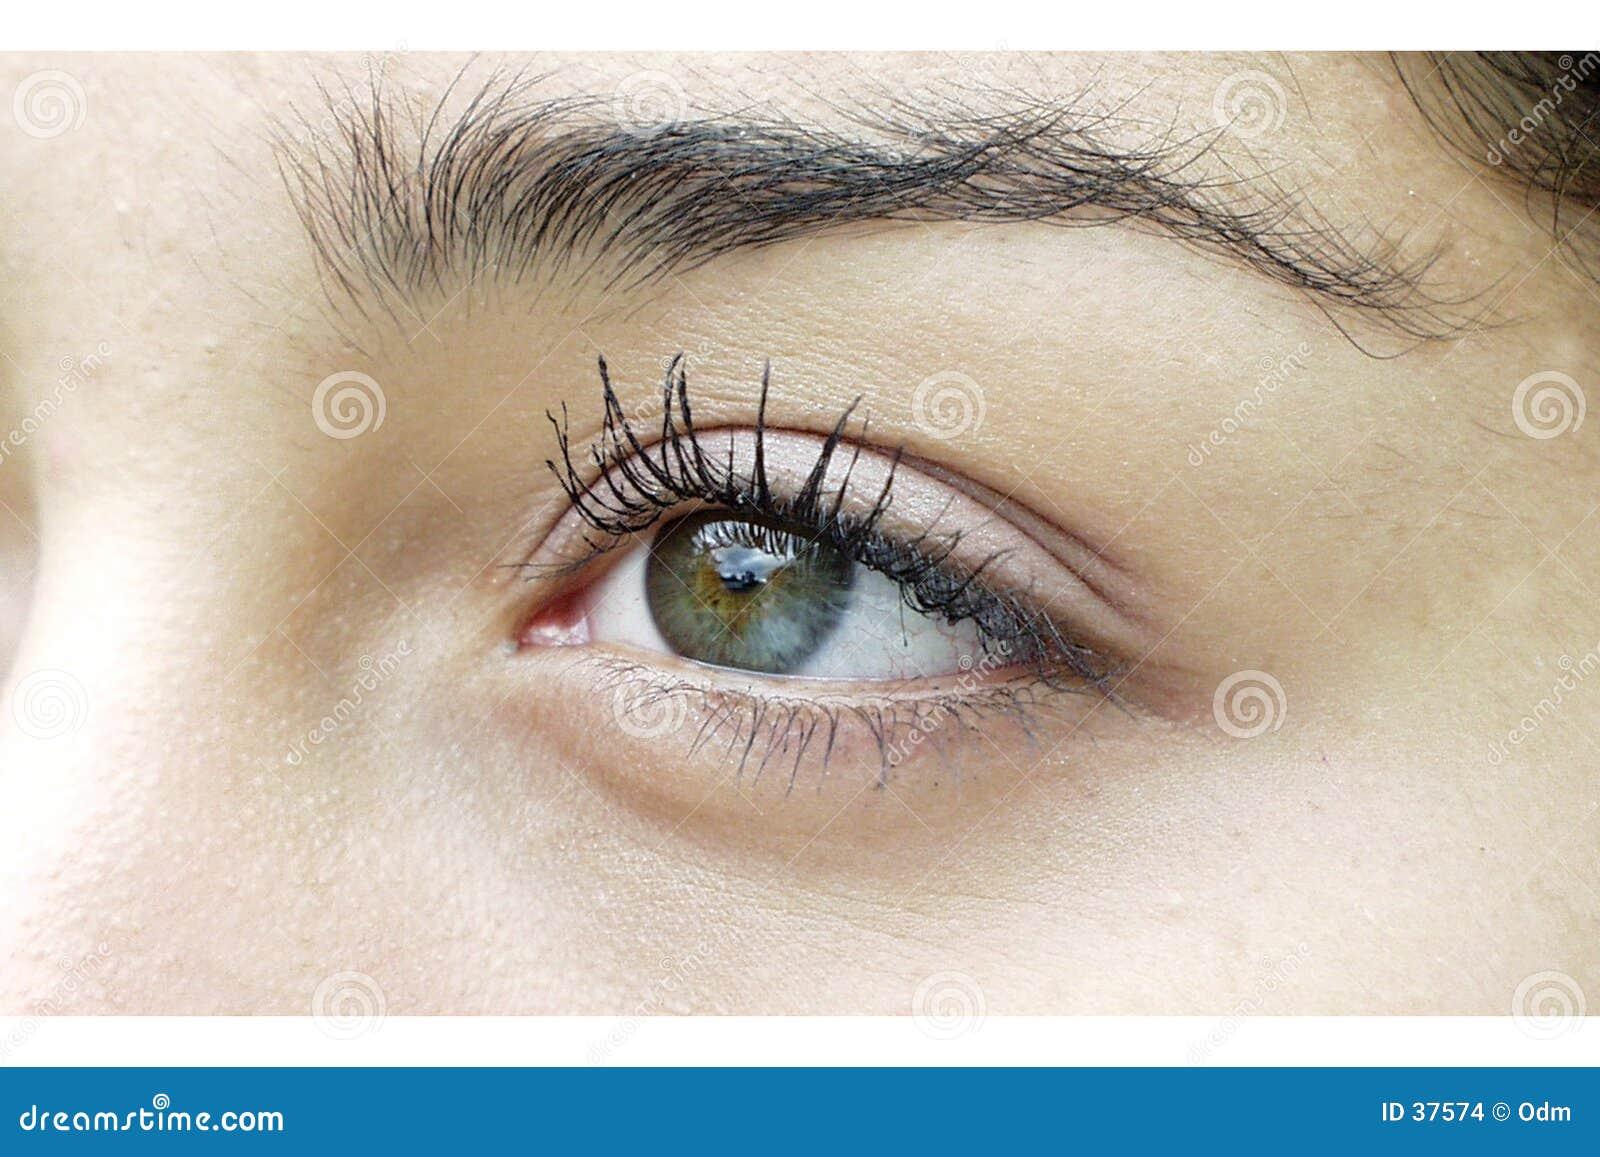 Right eye